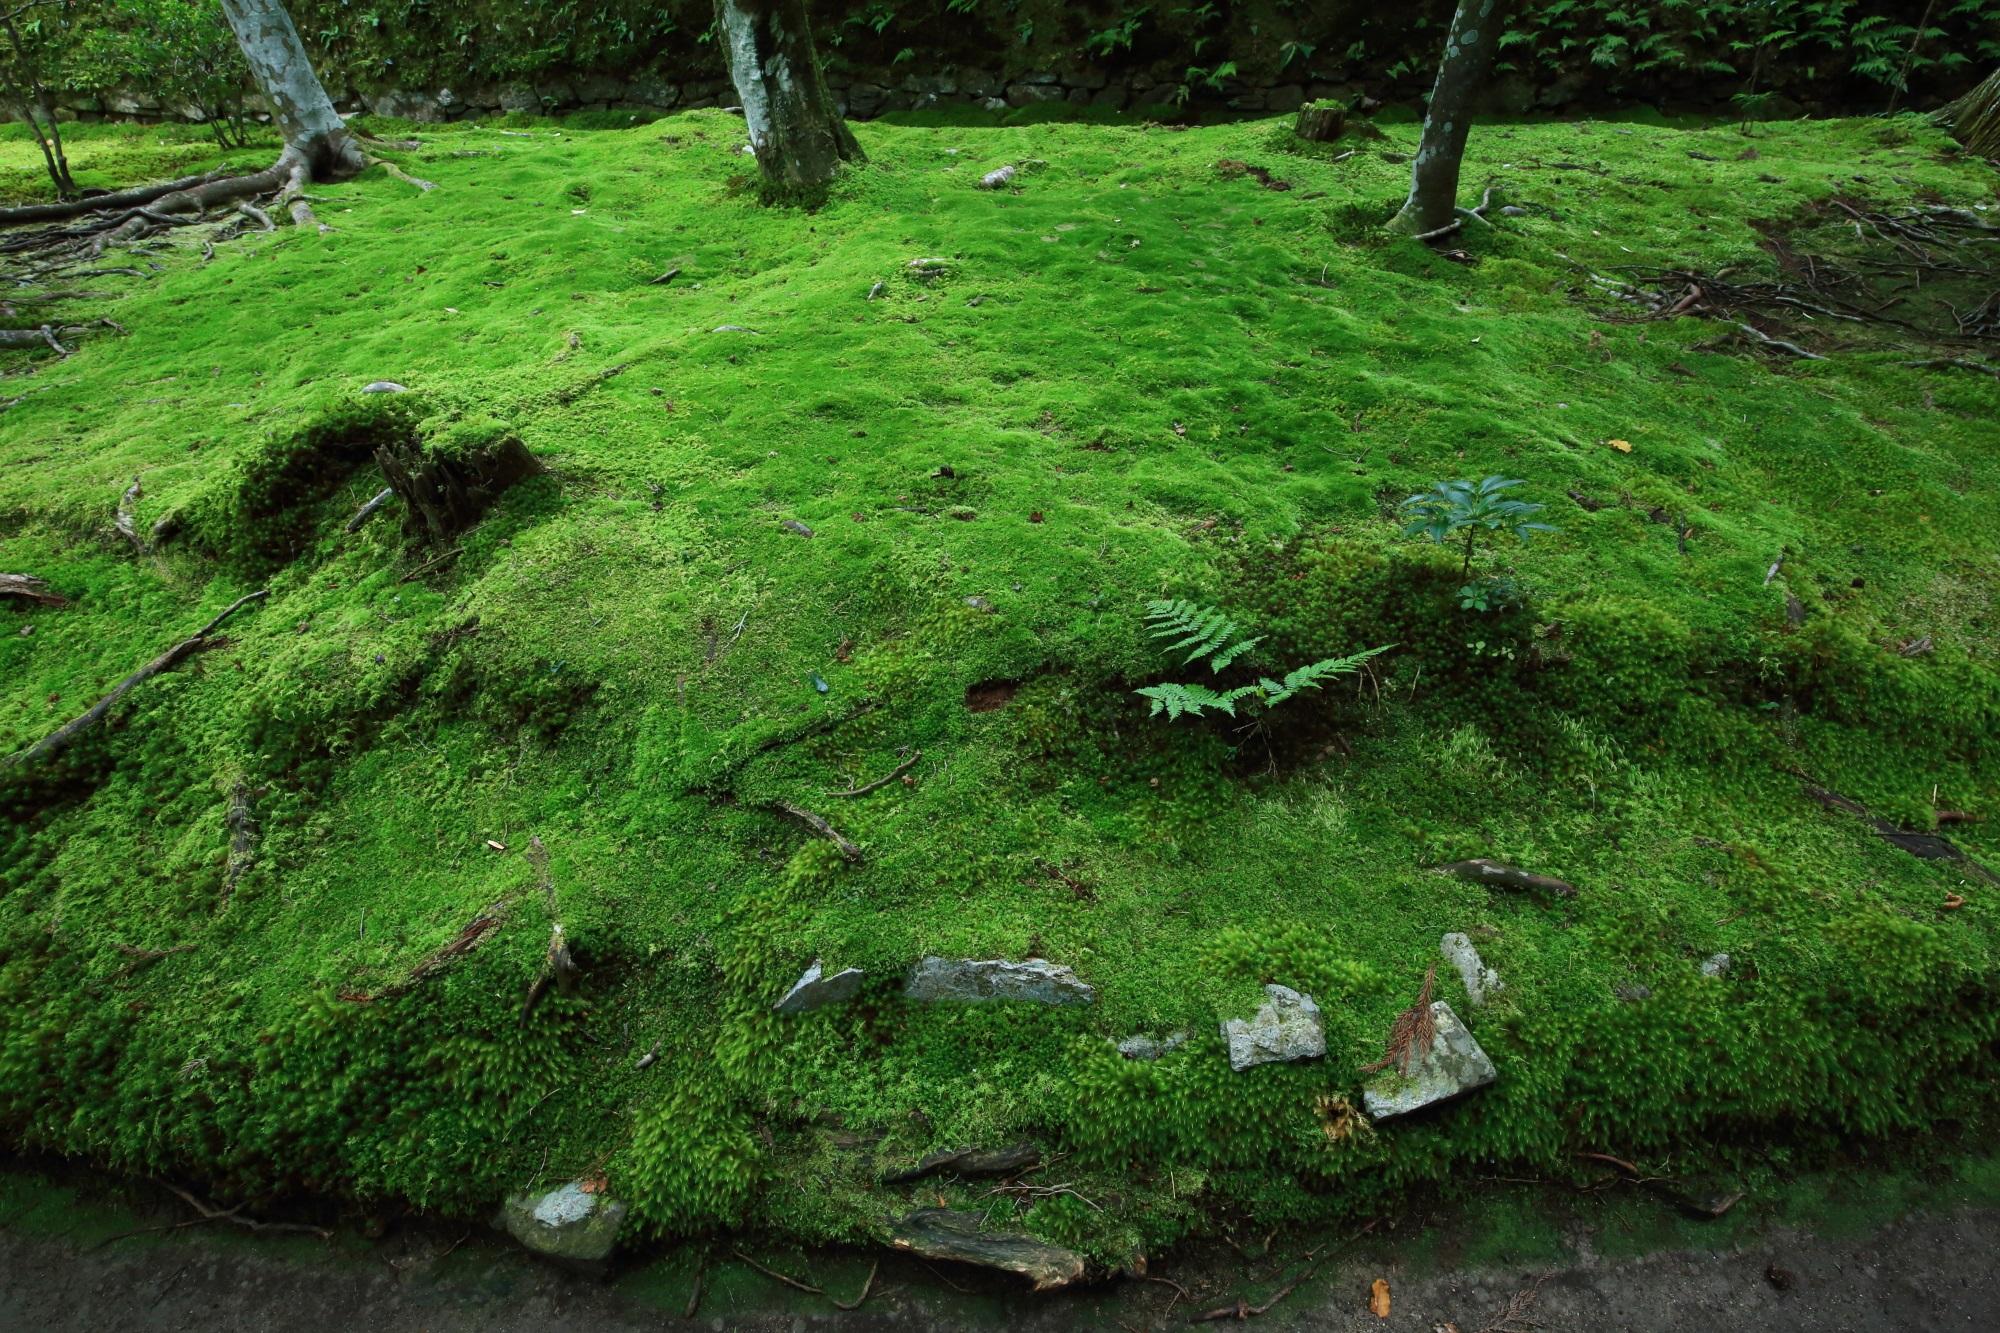 Kyoto Honenin-Tempel moss green